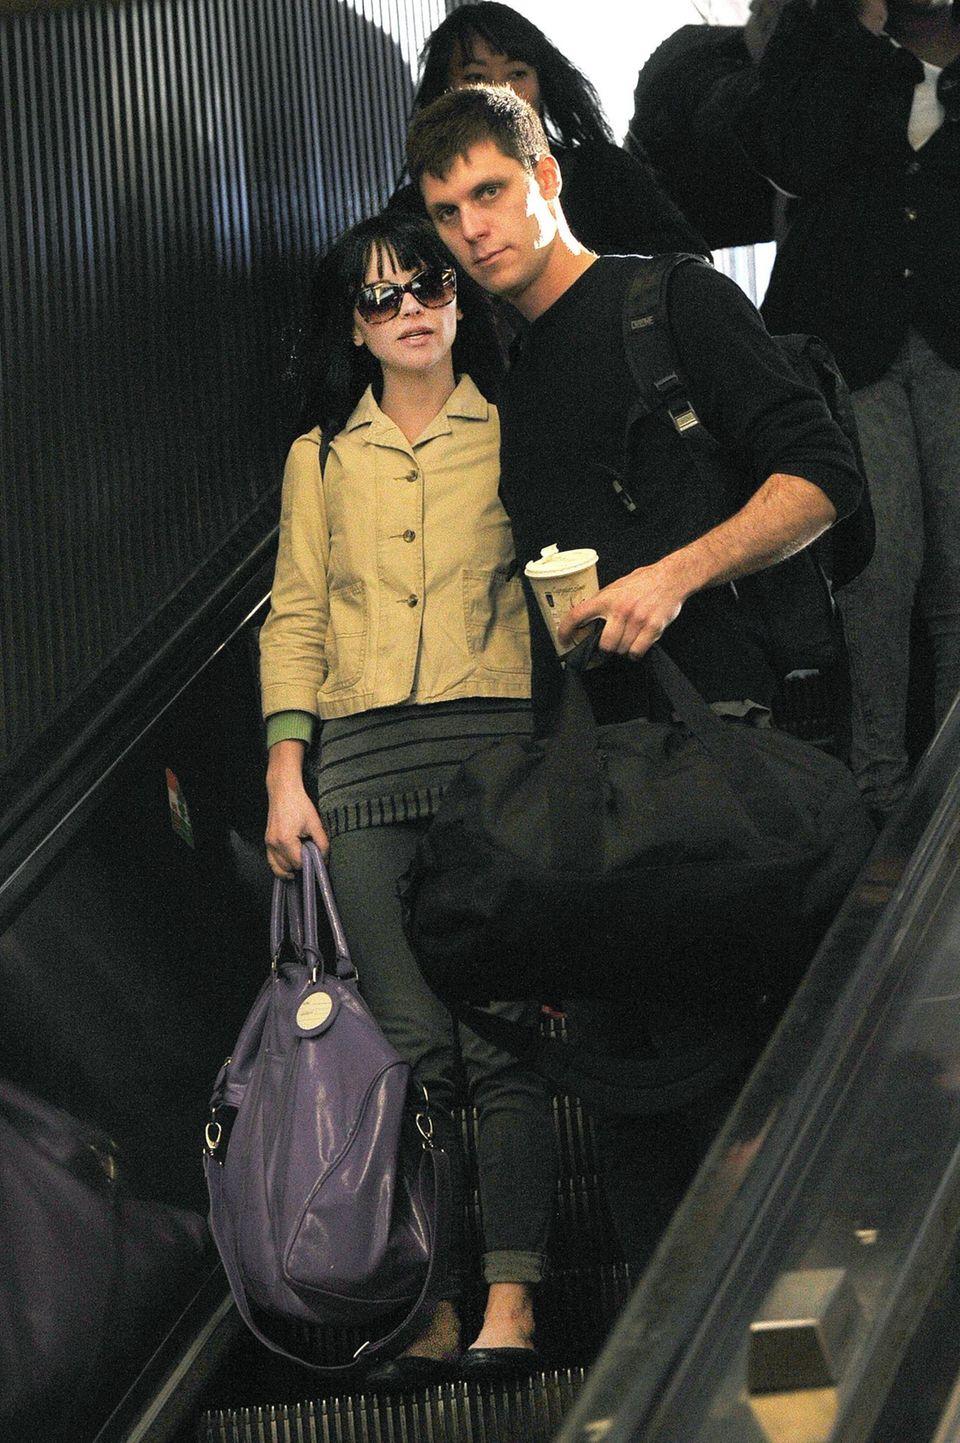 Christina Ricci und ihr Verlobter James Heerdegen, ein Kameramann, den sie bei Dreharbeiten traf.